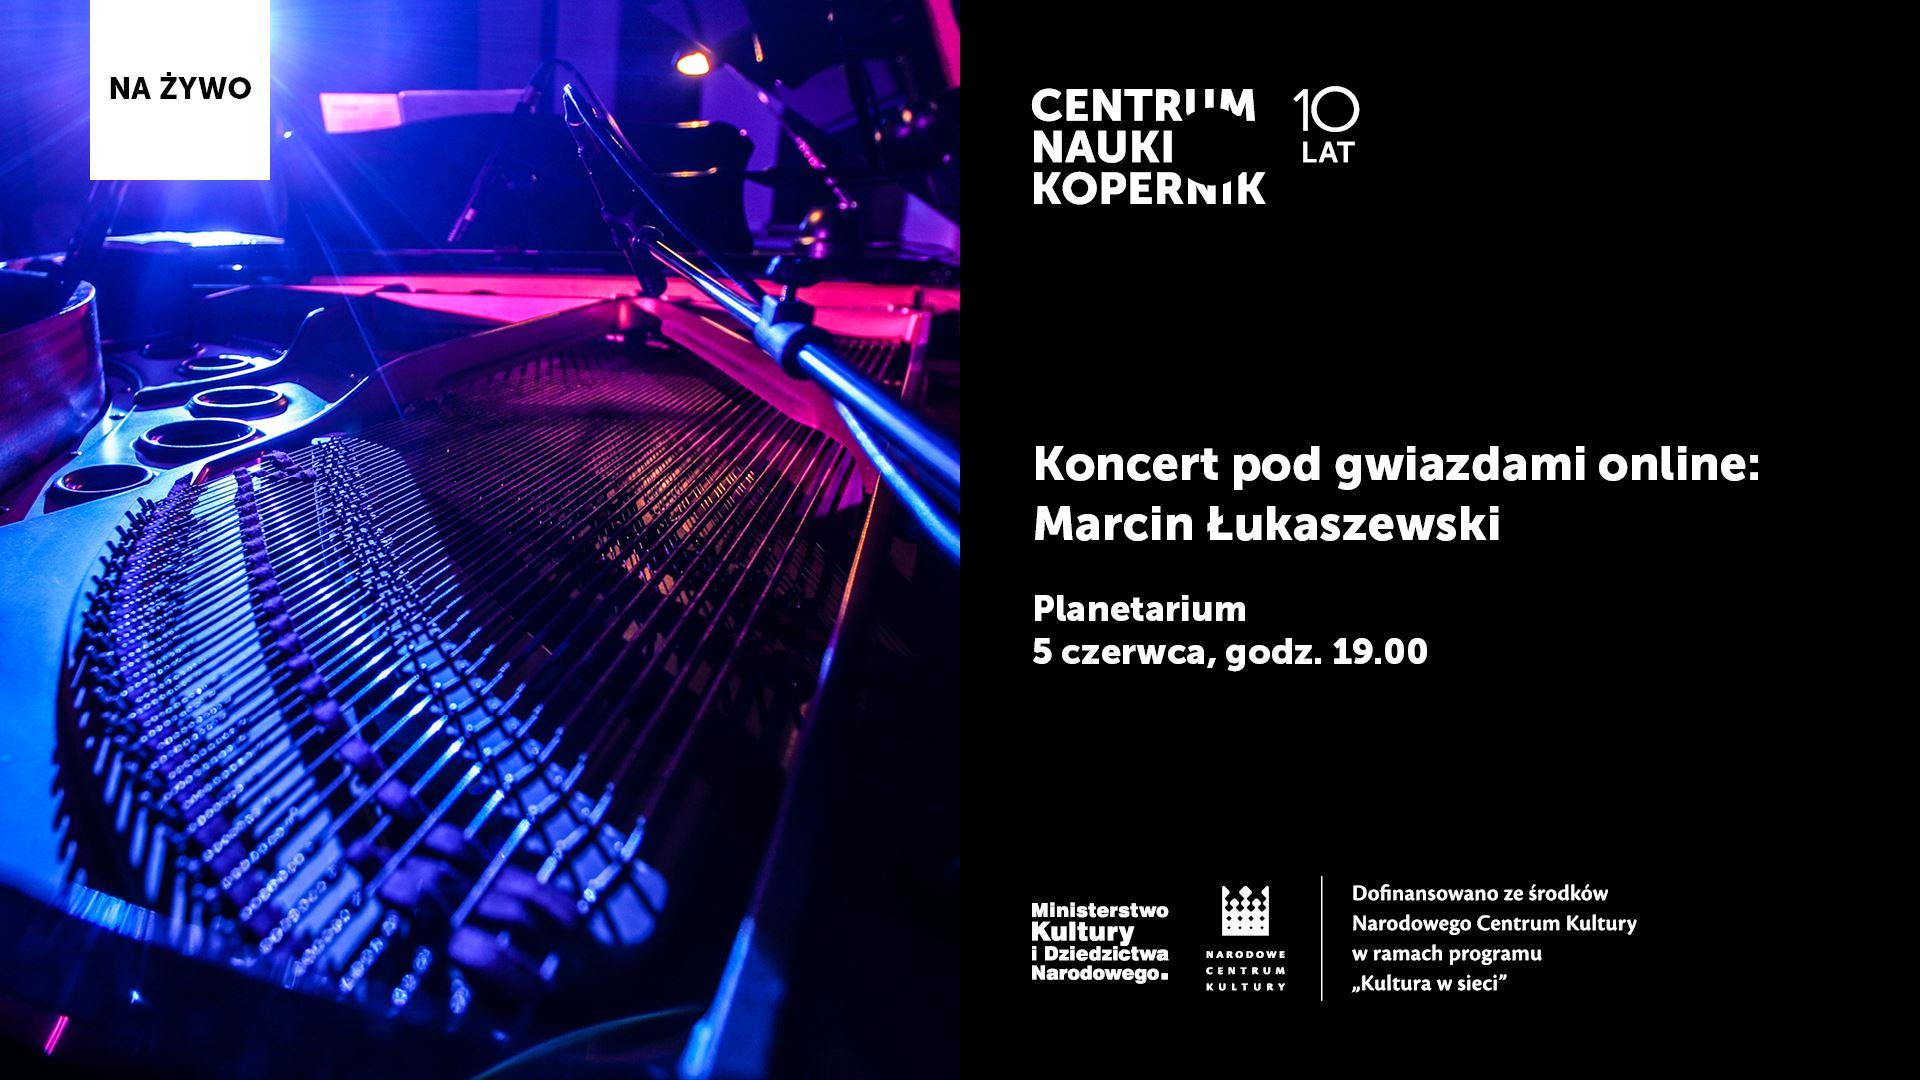 Koncert podgwiazdami online: Marcin Łukaszewski @ Online